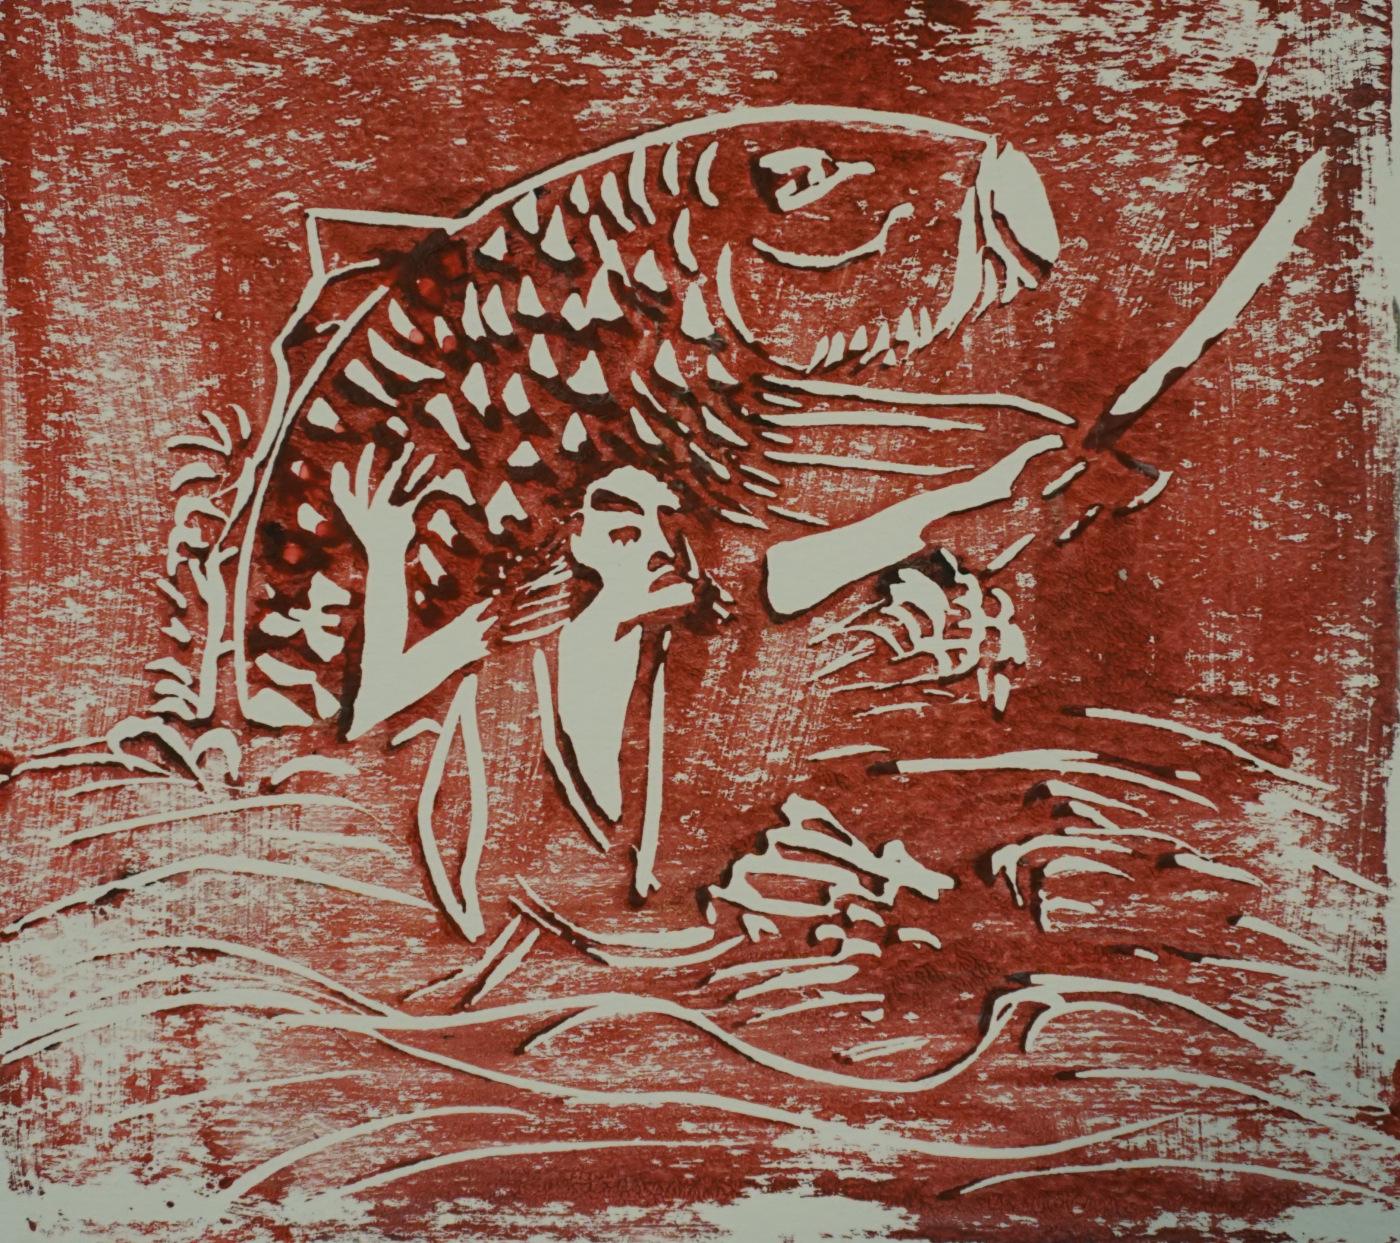 Fish samurai